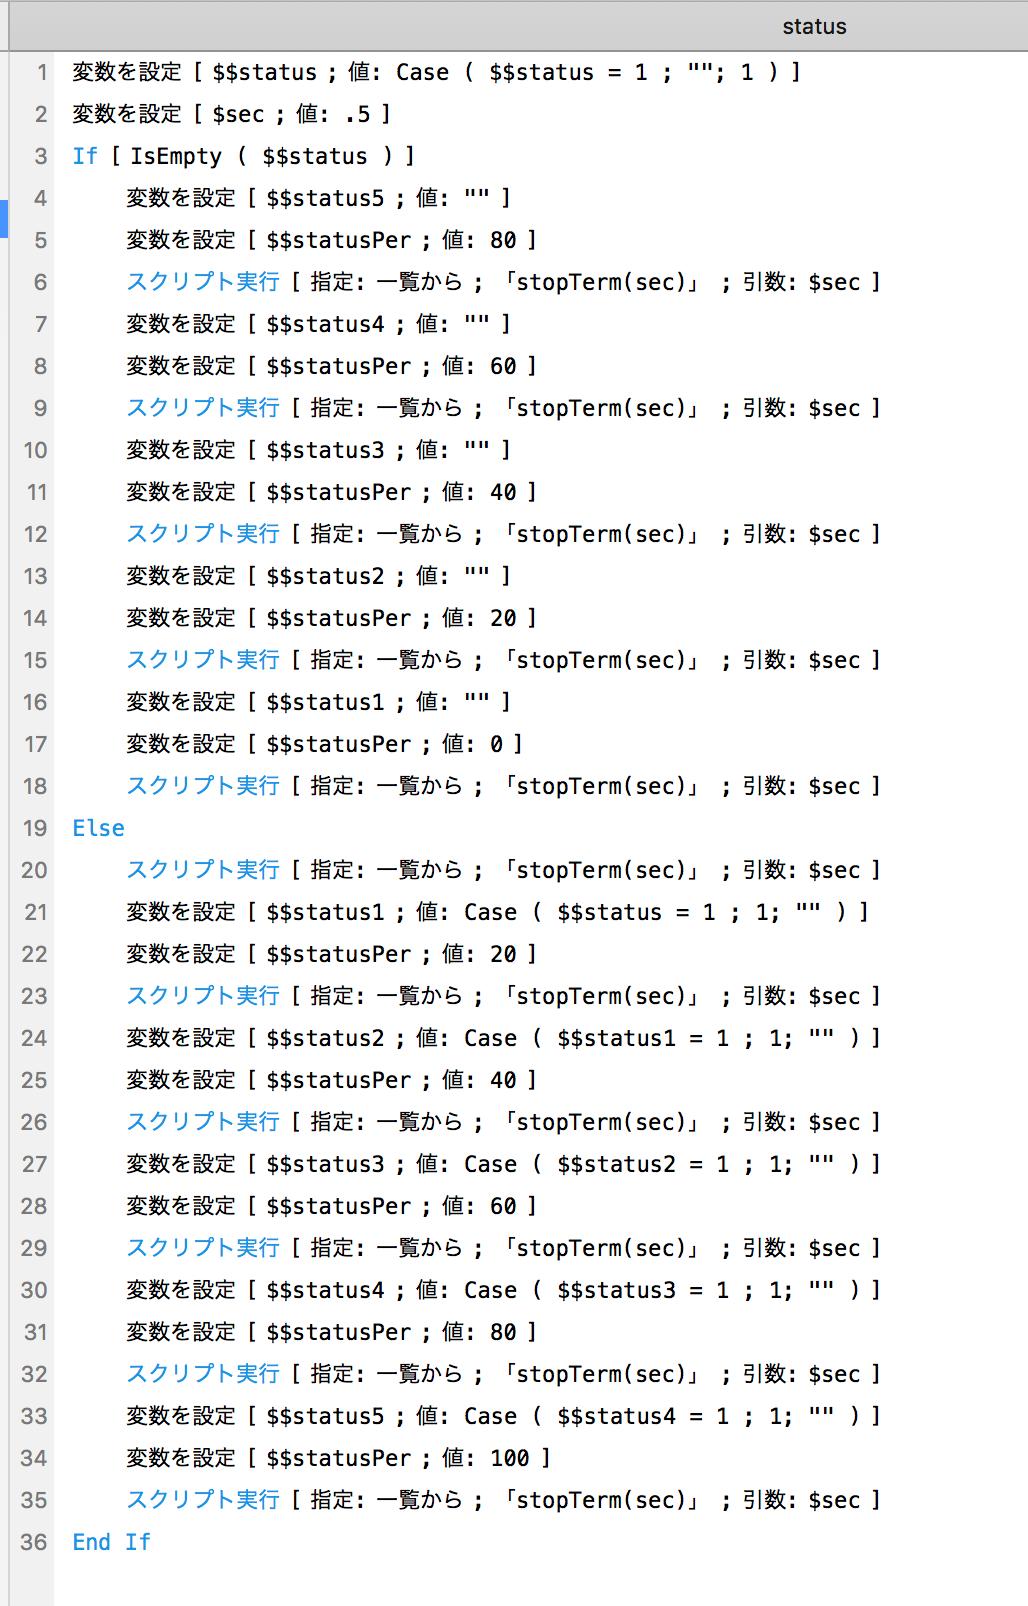 status bar script